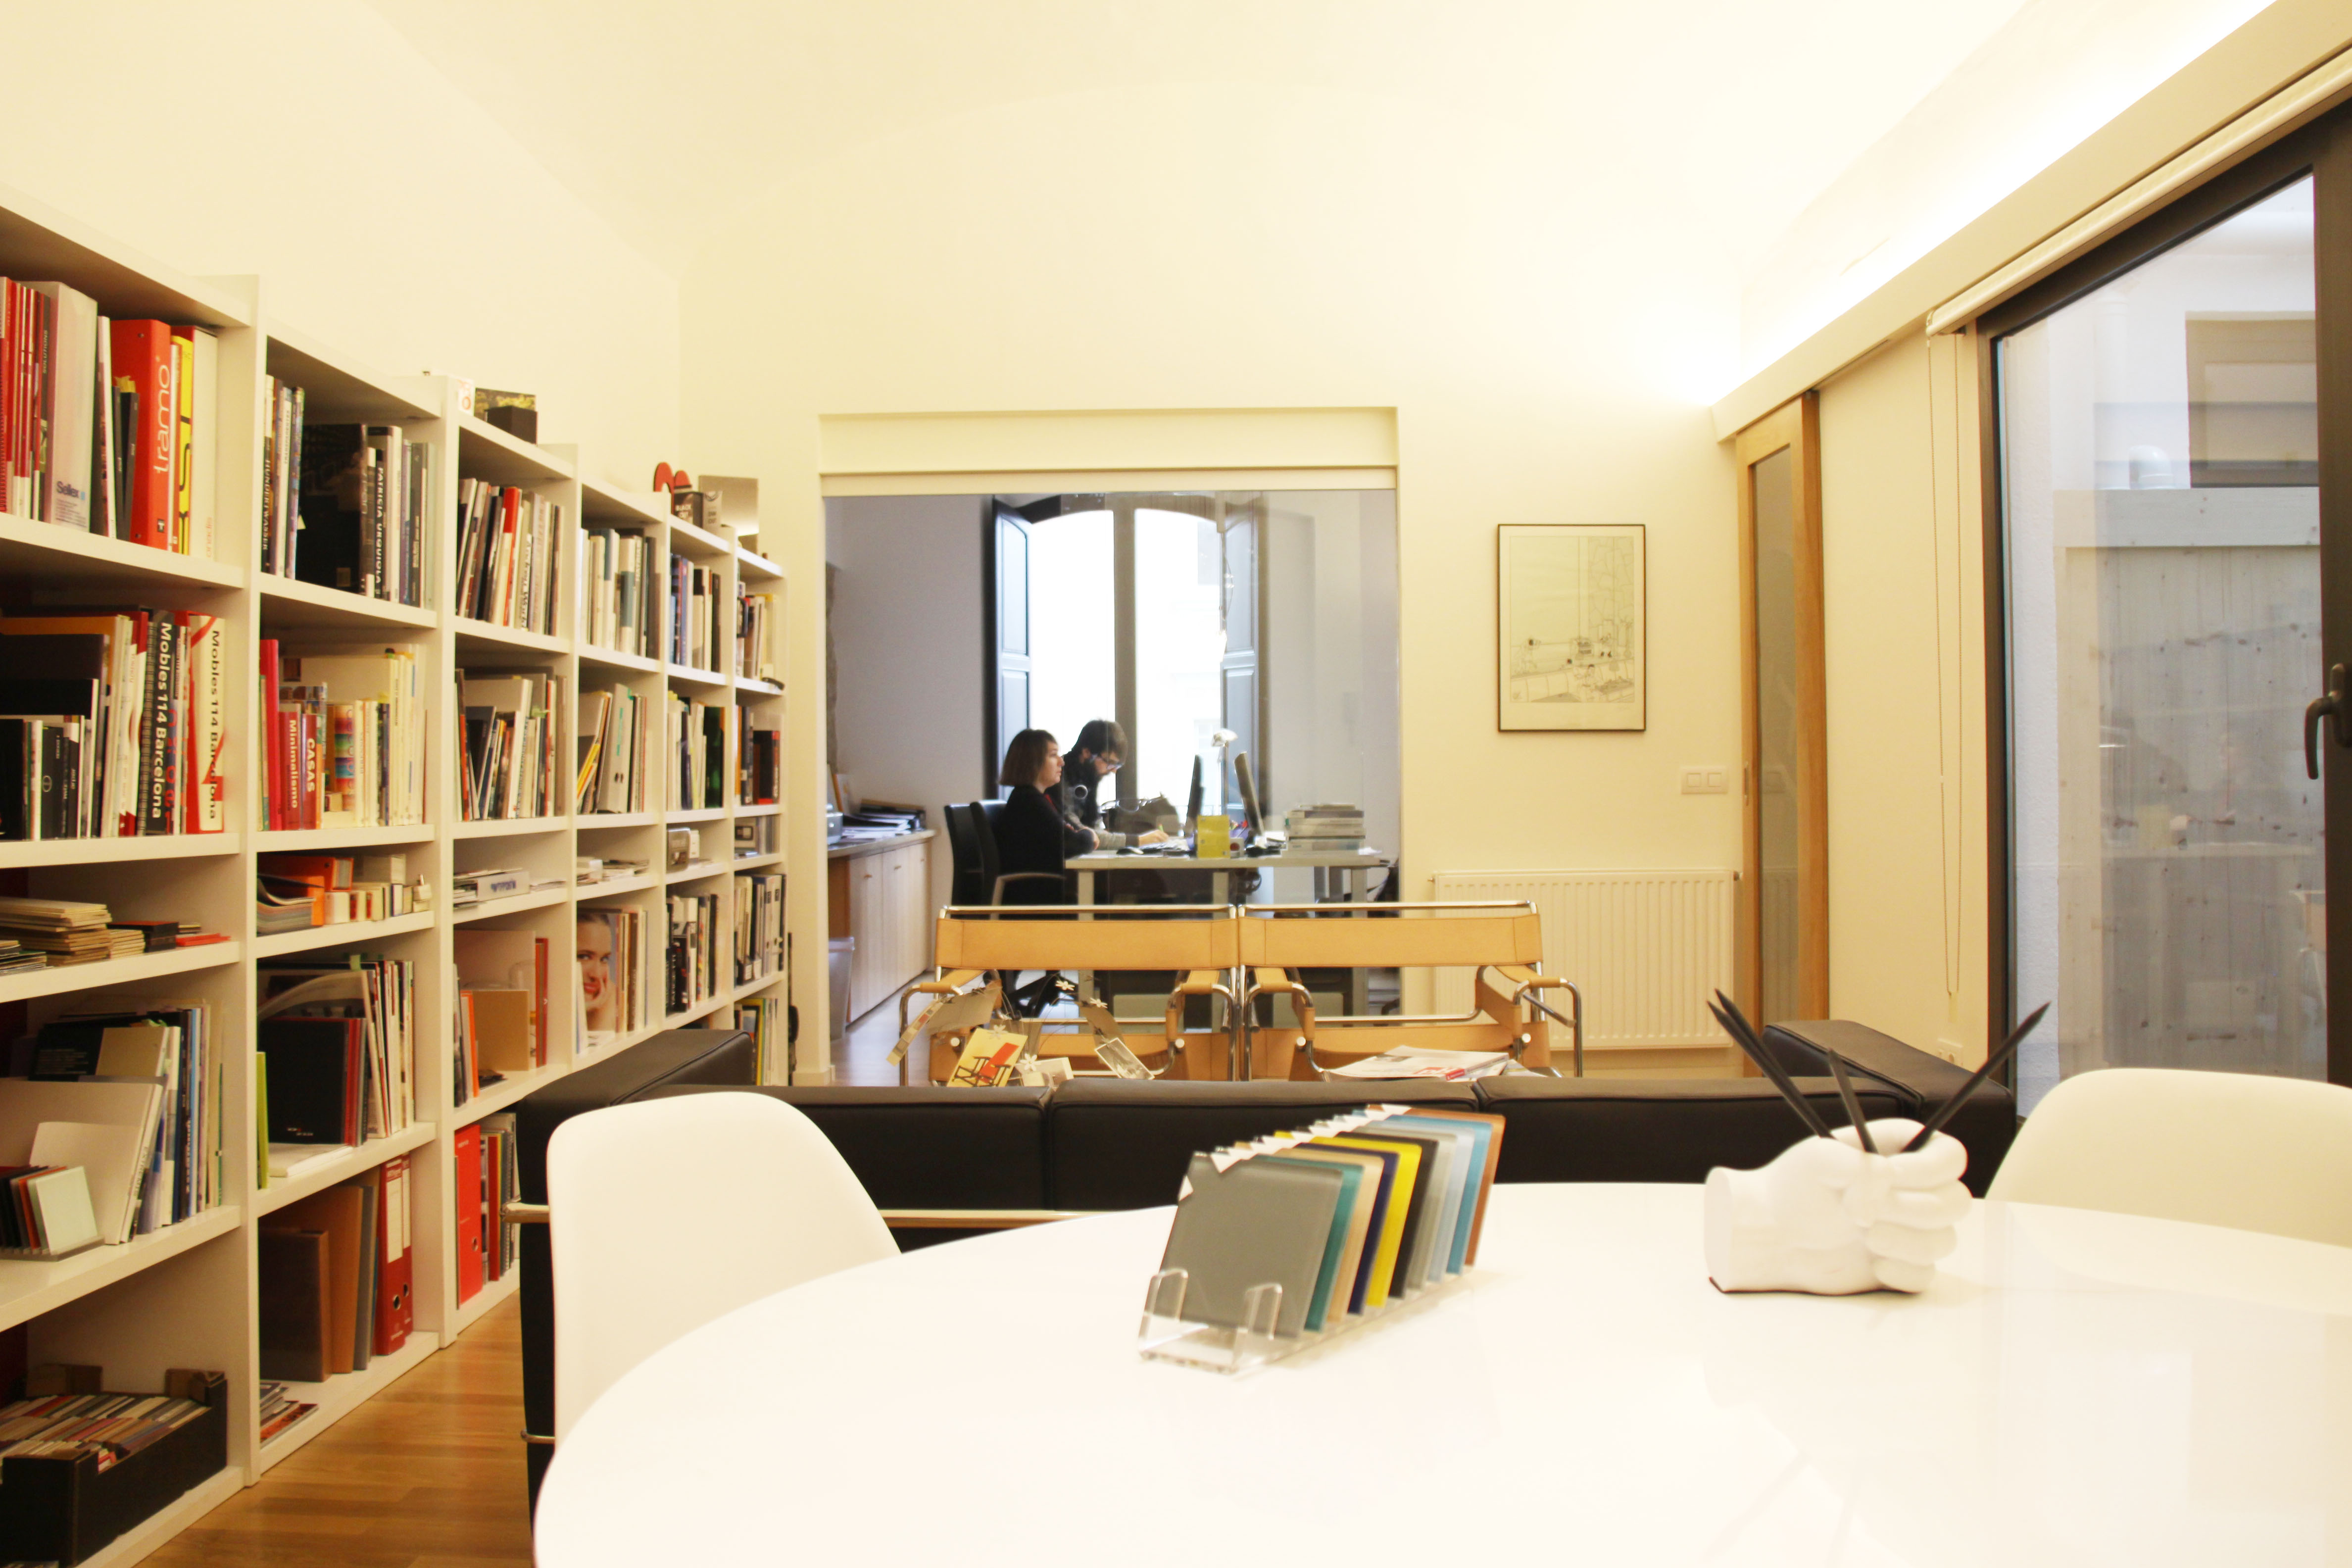 oficina ht8